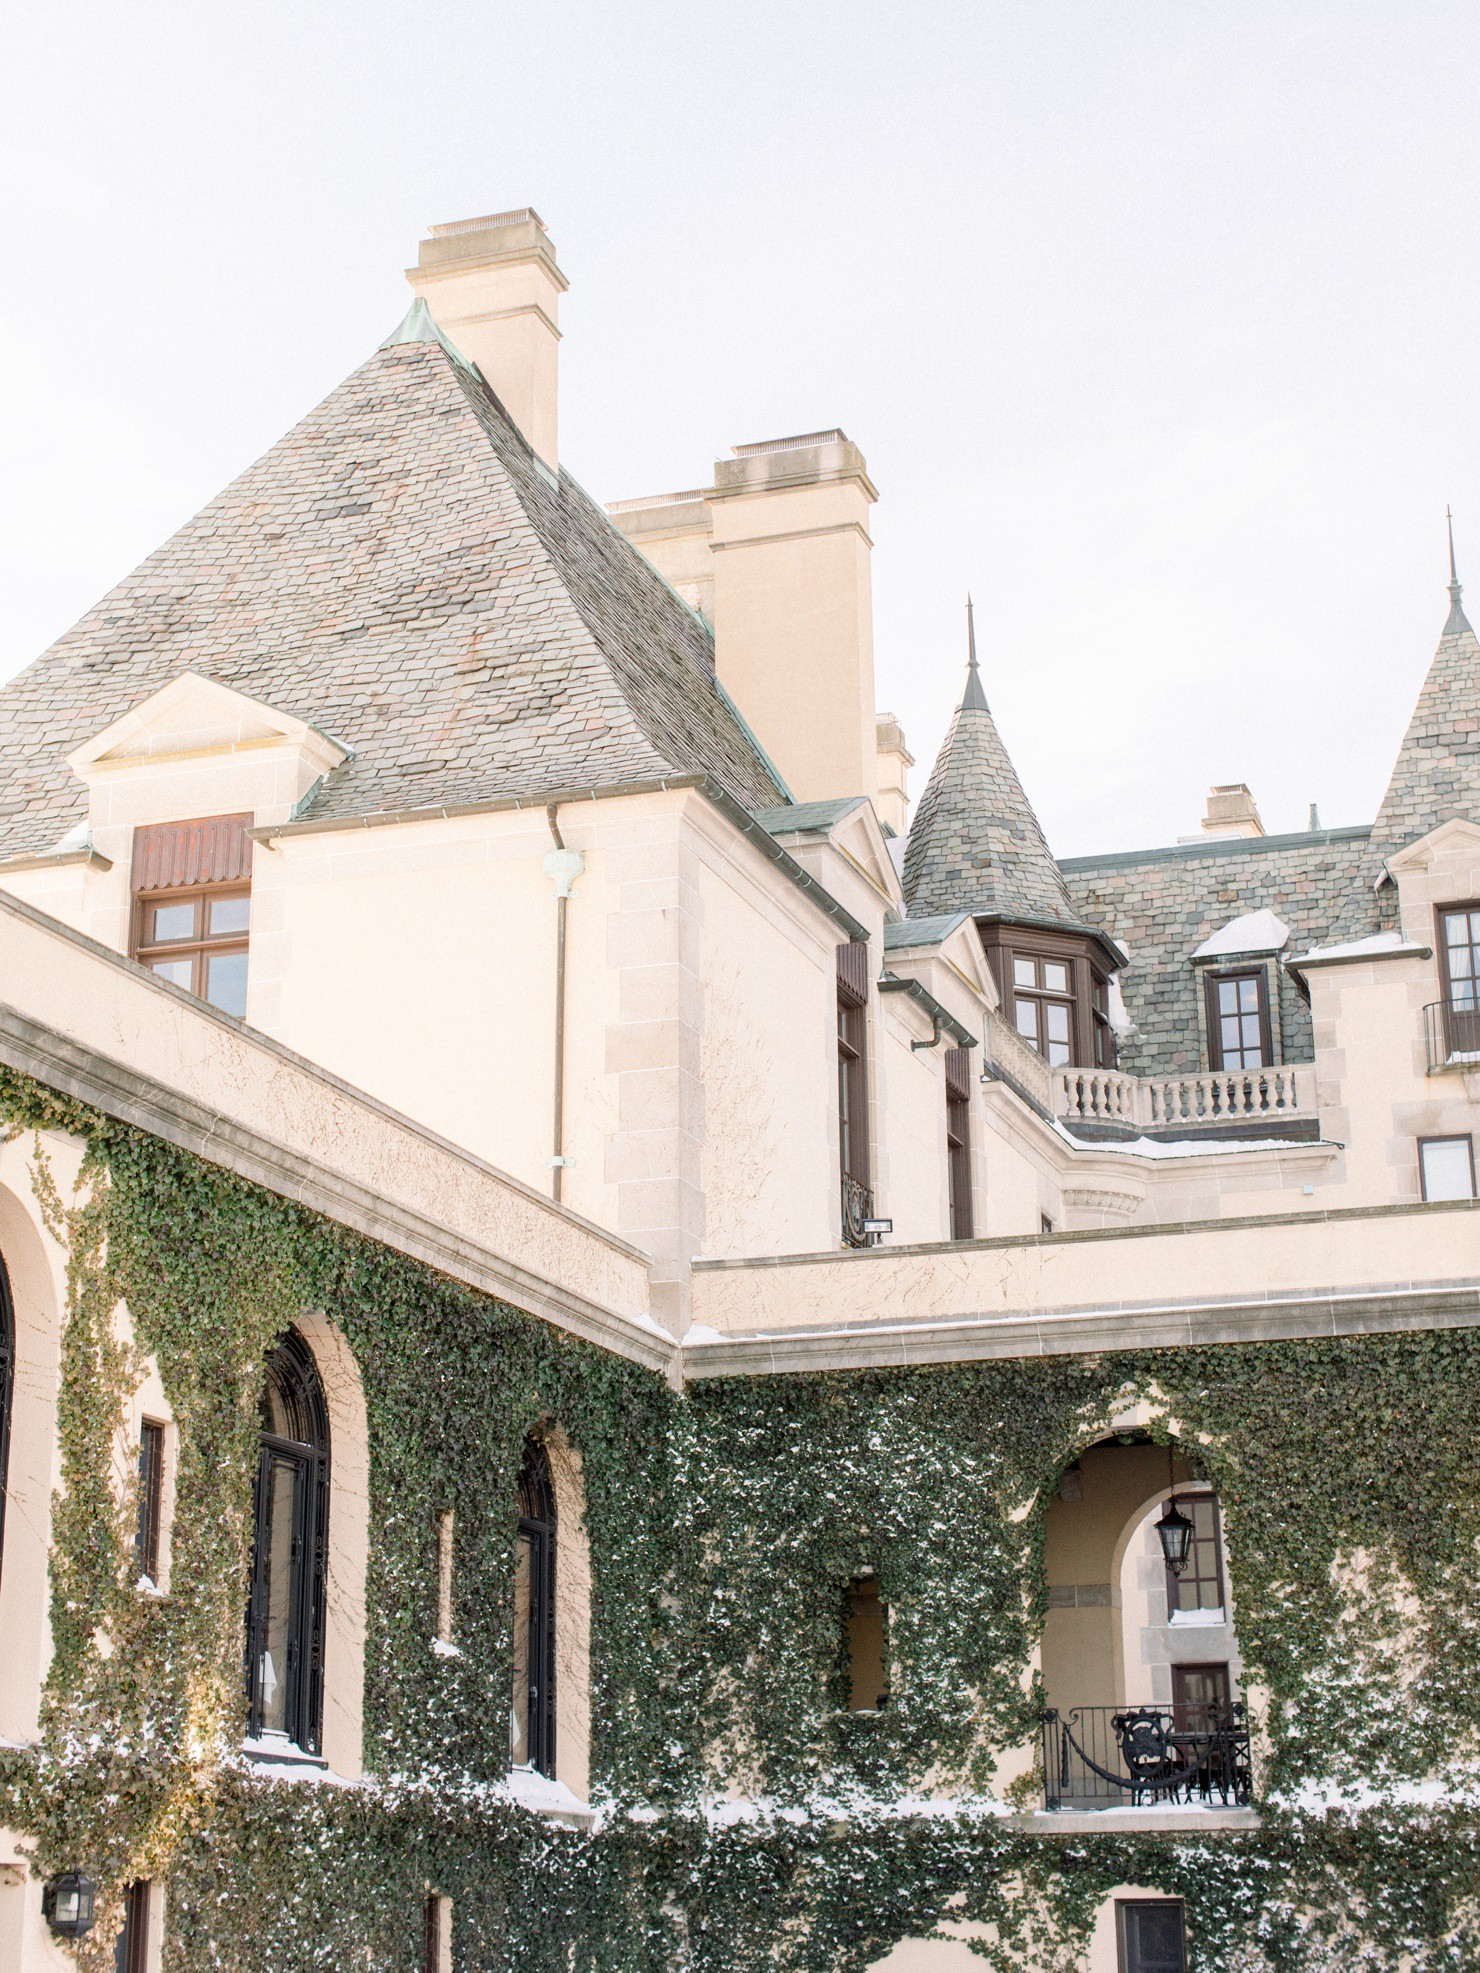 4 sự thật về toà lâu đài mà chỉ giới nhà giàu ở Mỹ mới dám thuê tổ chức đám cưới, Taylor Swfit là ngôi sao hiếm hoi từng quay MV ở đây - Ảnh 6.